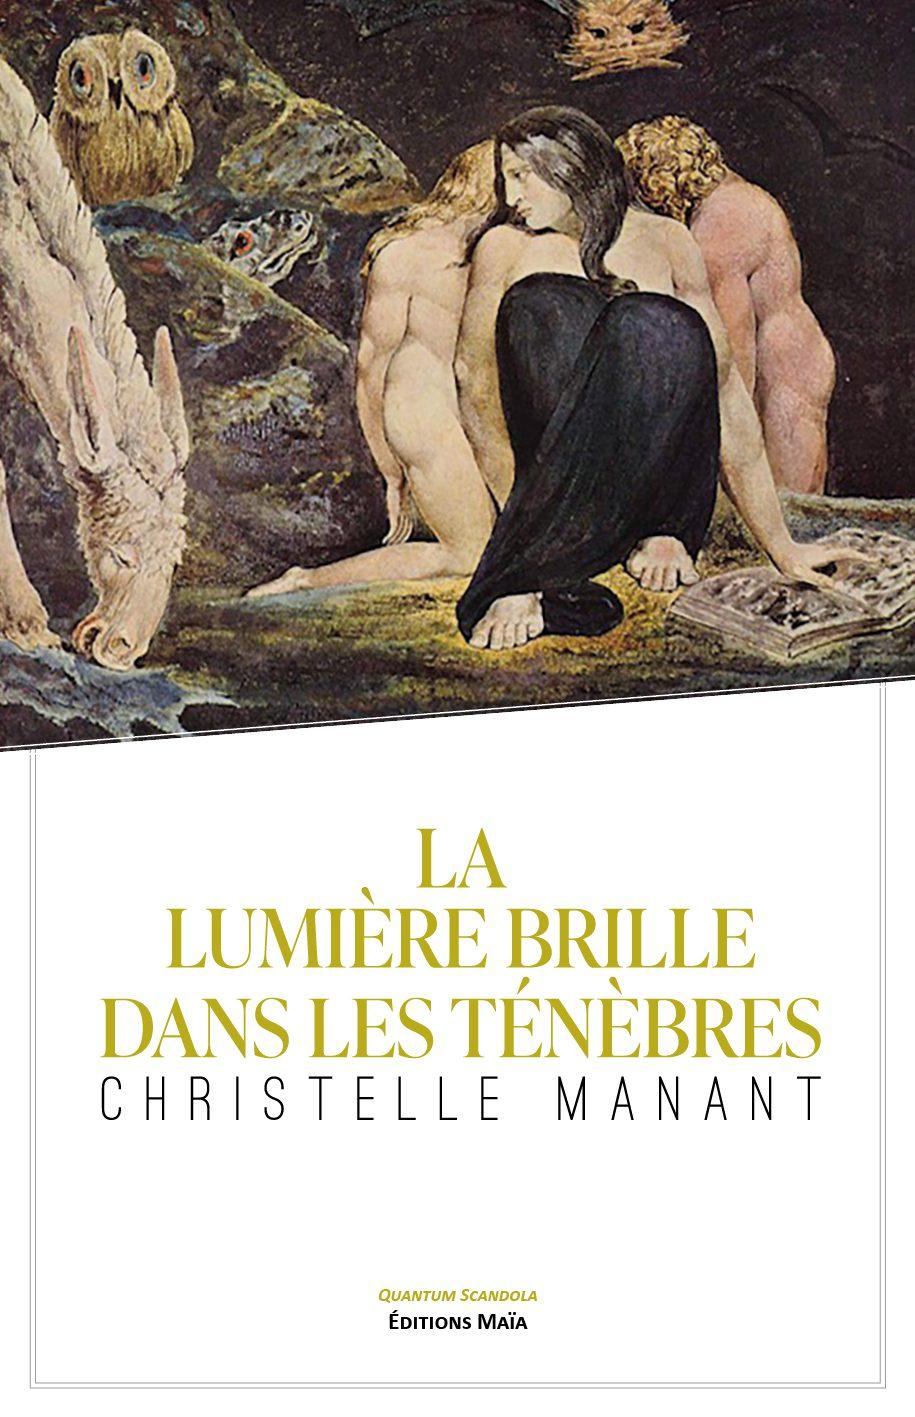 Entretien avec Christelle Manant – La lumière brille dans les ténèbres